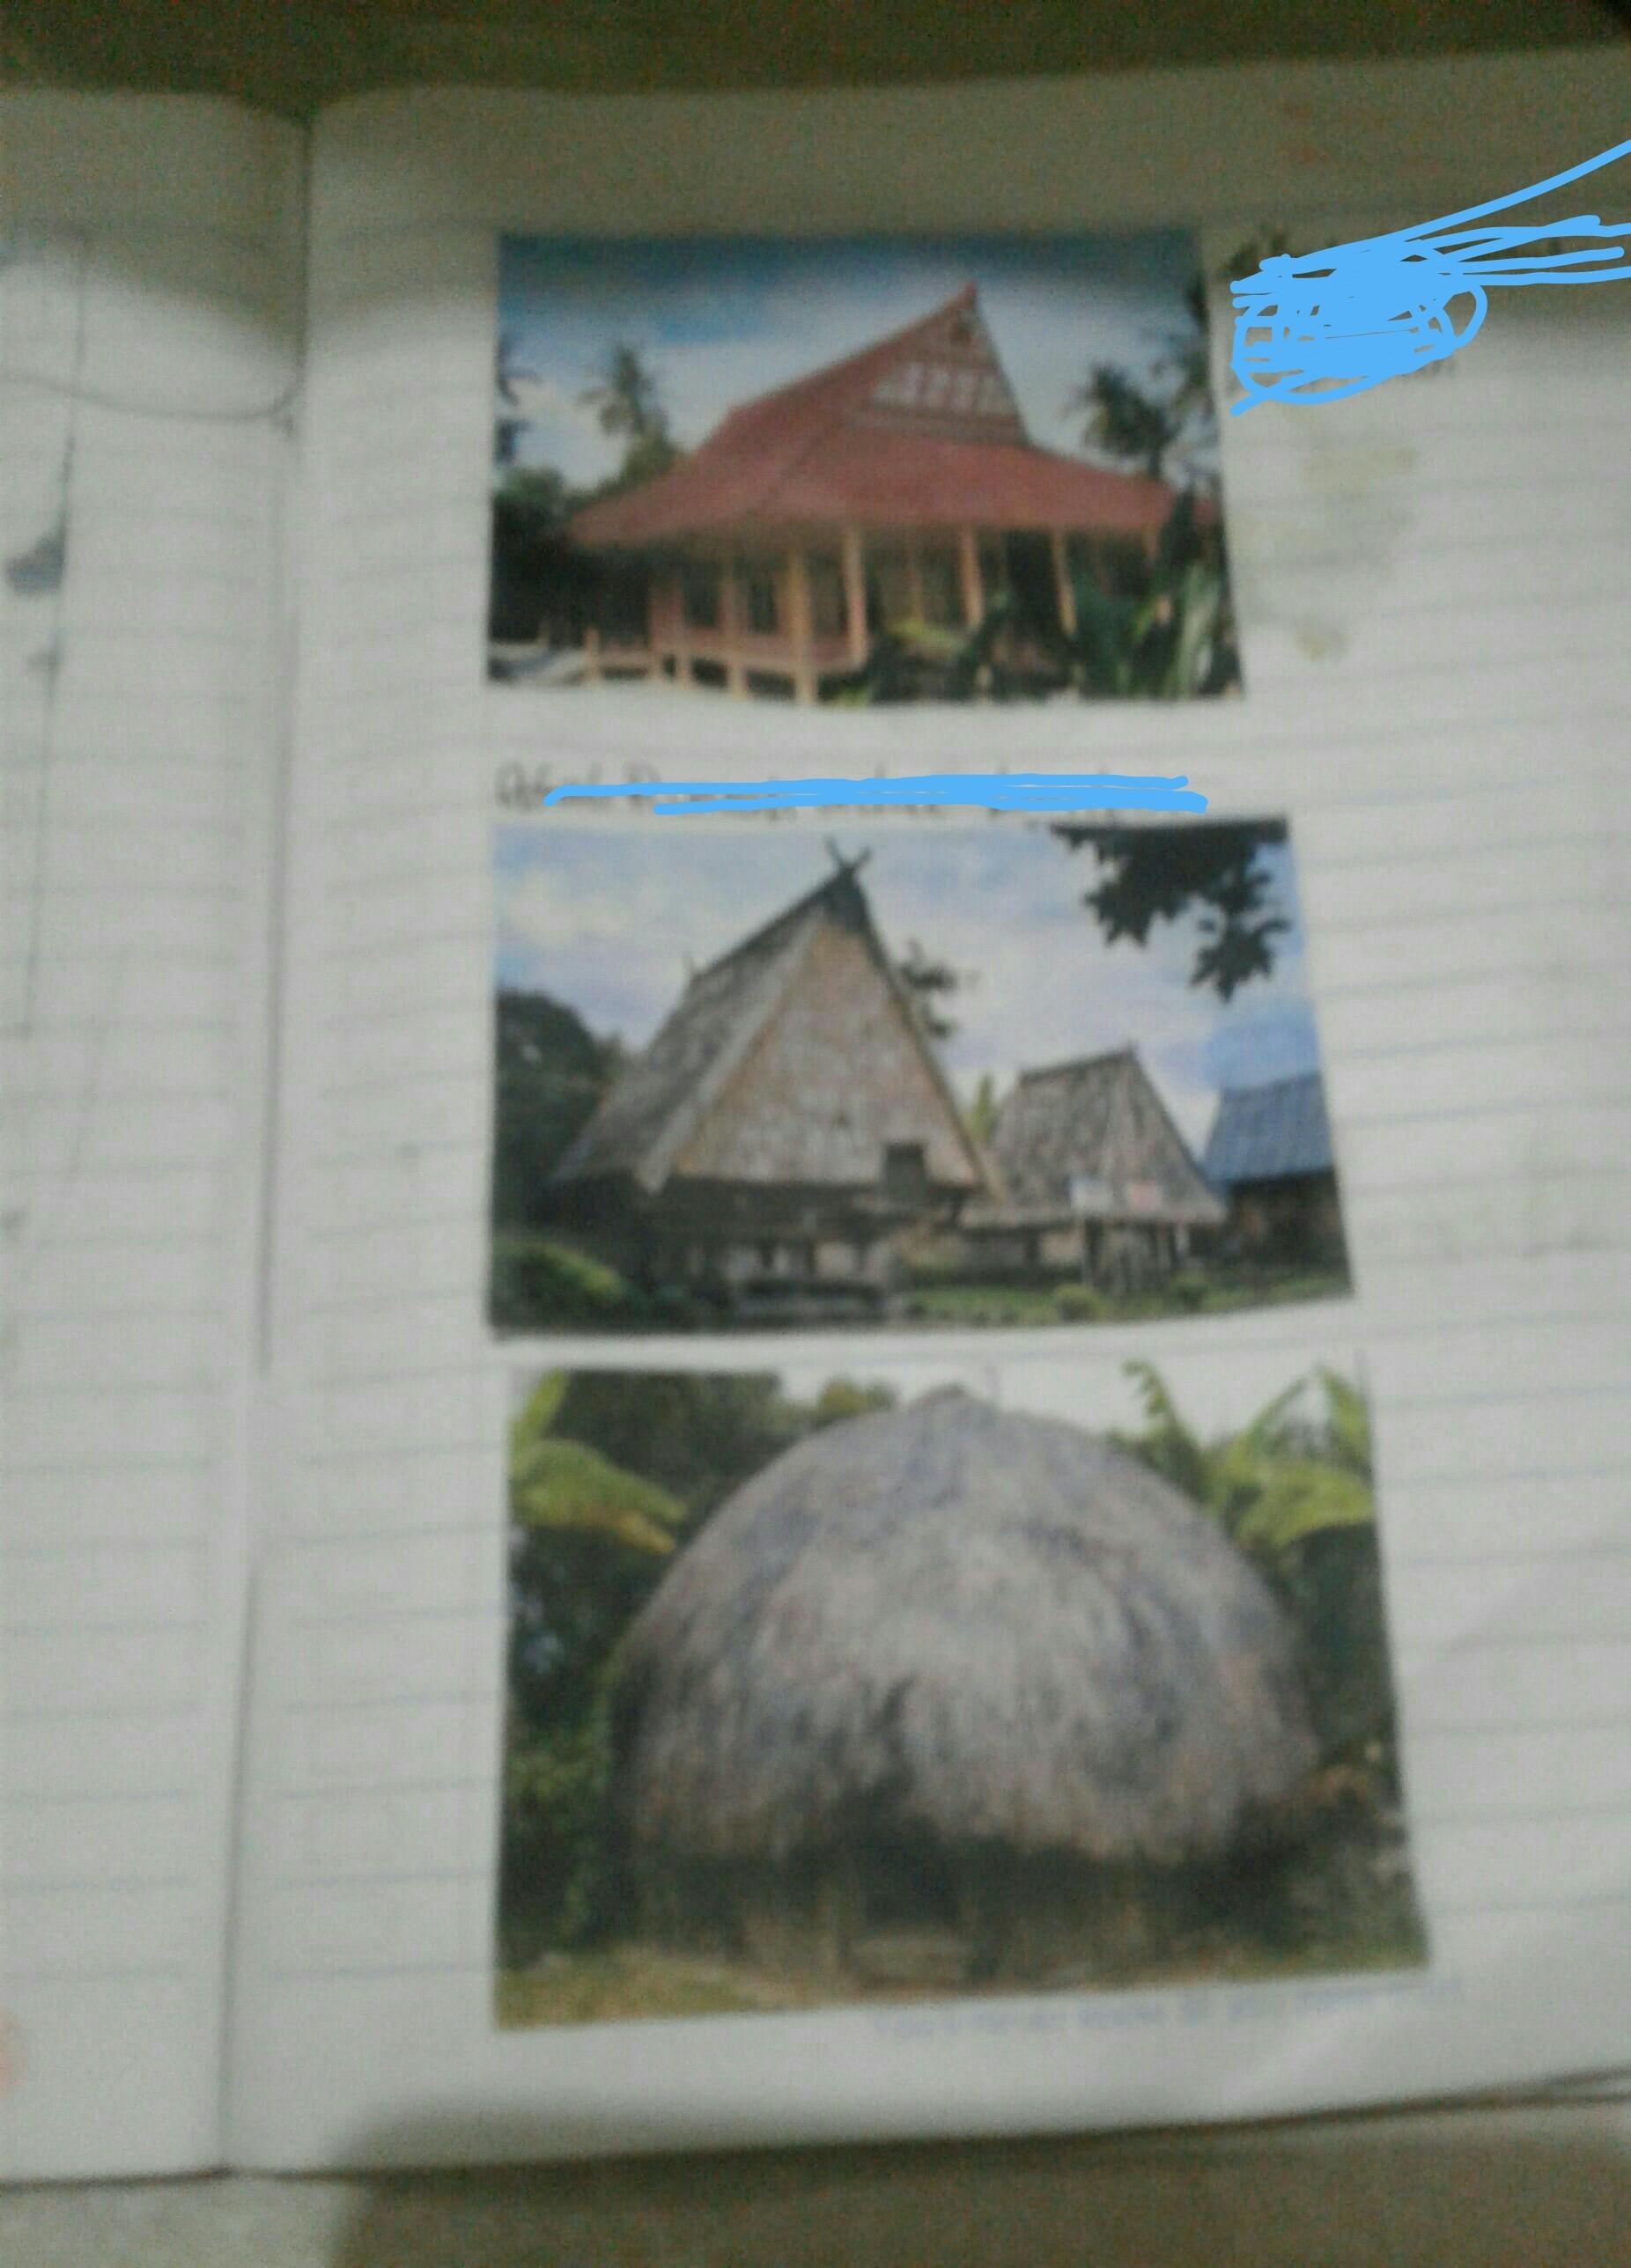 Keunikan Rumah Adat Baileo : keunikan, rumah, baileo, Apakah, Keunikan, Rumah, Brainly.co.id